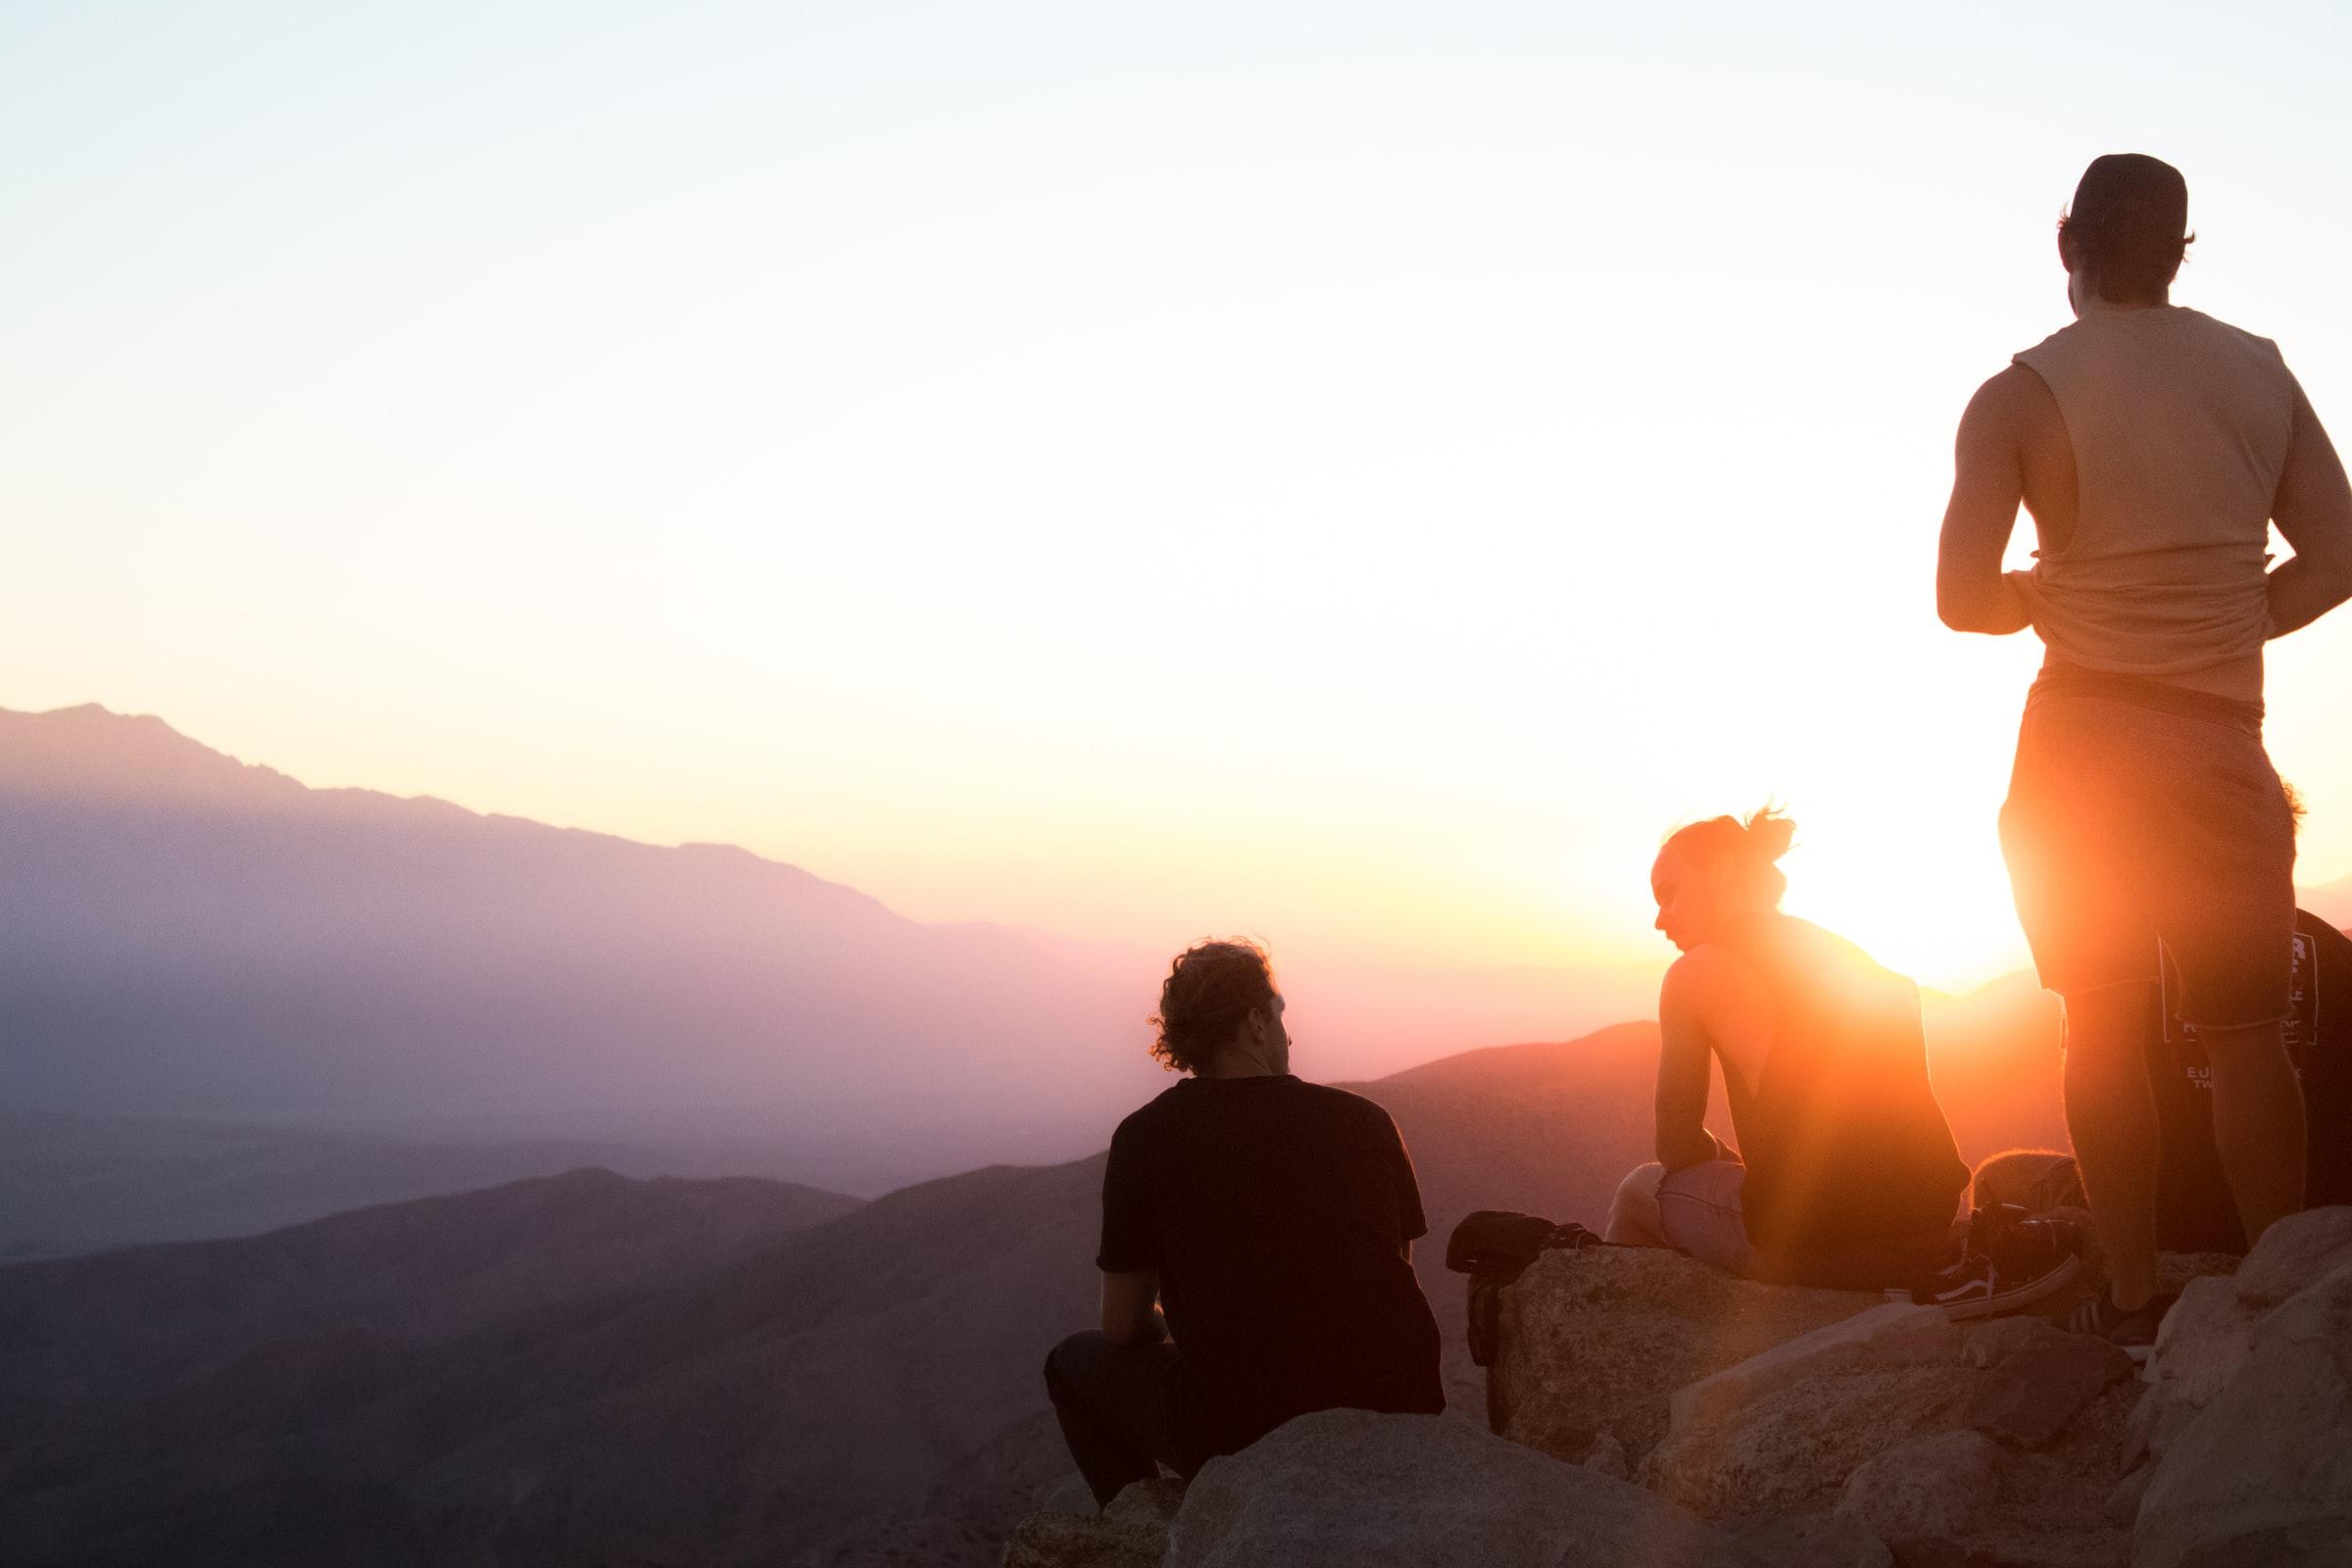 Umweltfreundliche Transportmittel - Wandern - Menschen bei Sonnenaufgang